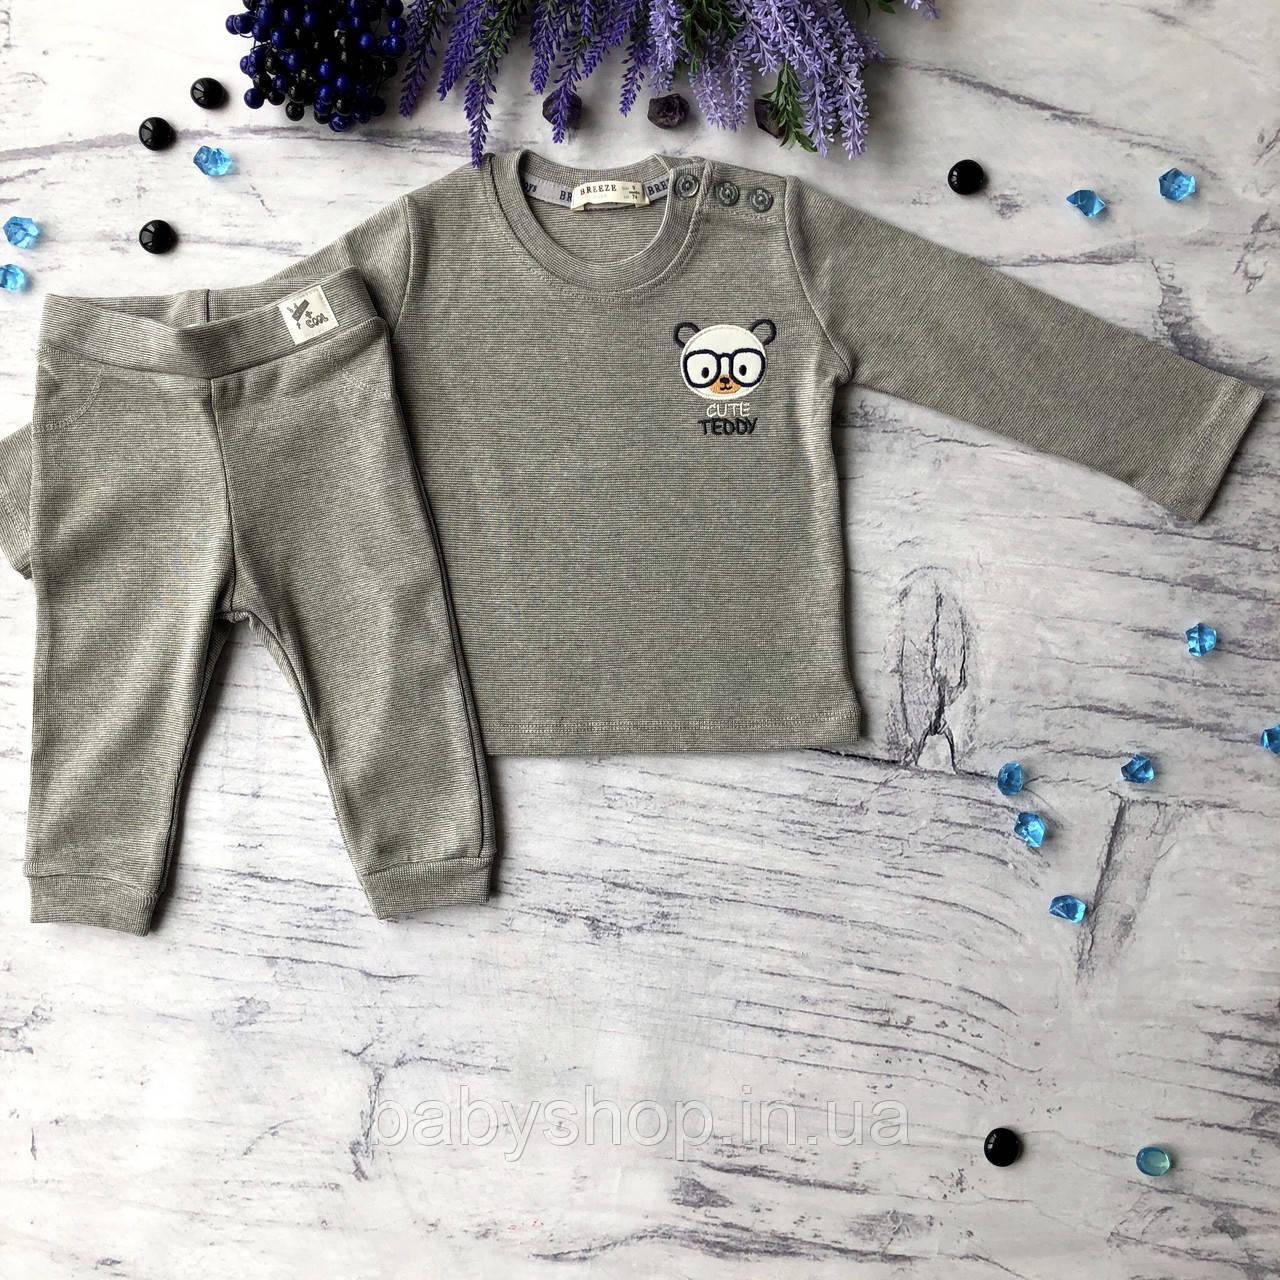 Серый костюм на мальчика Breeze 214. Размер 74 см (9мес), 80 см, 86 см, 92 см (2 года), 98 см (3 года)